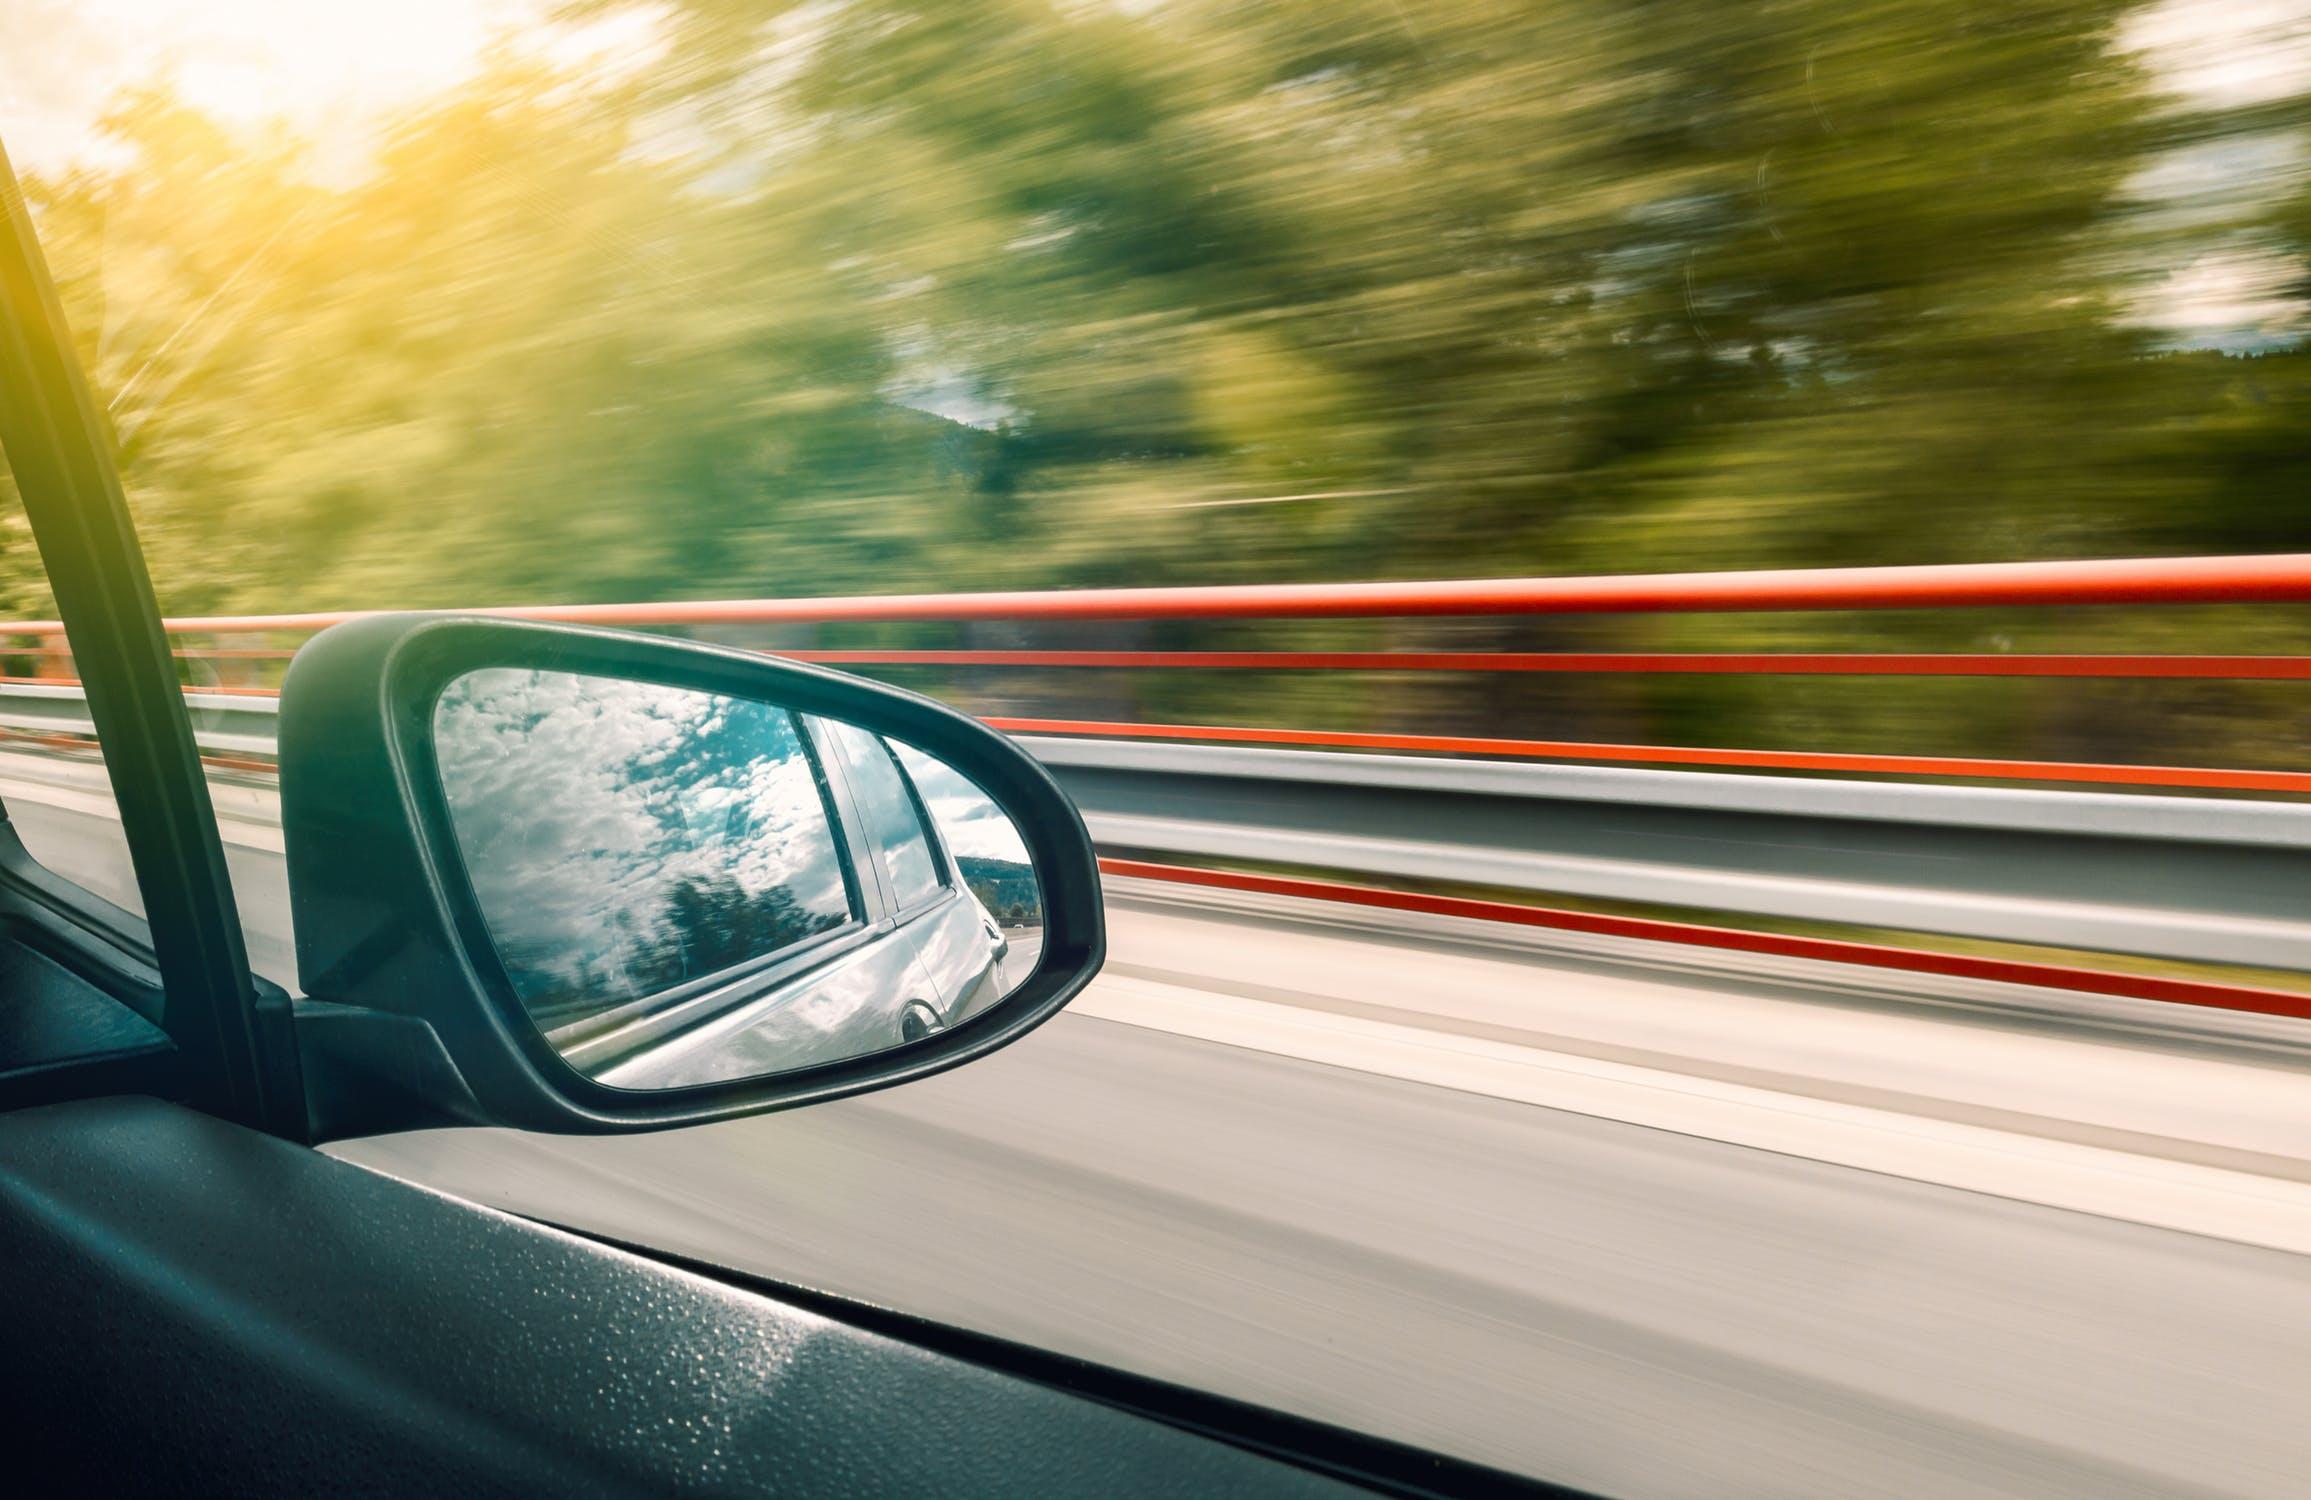 Il faut bien connaître comment choisir l'assurance automobile au tiers ou tous risques au Portugal